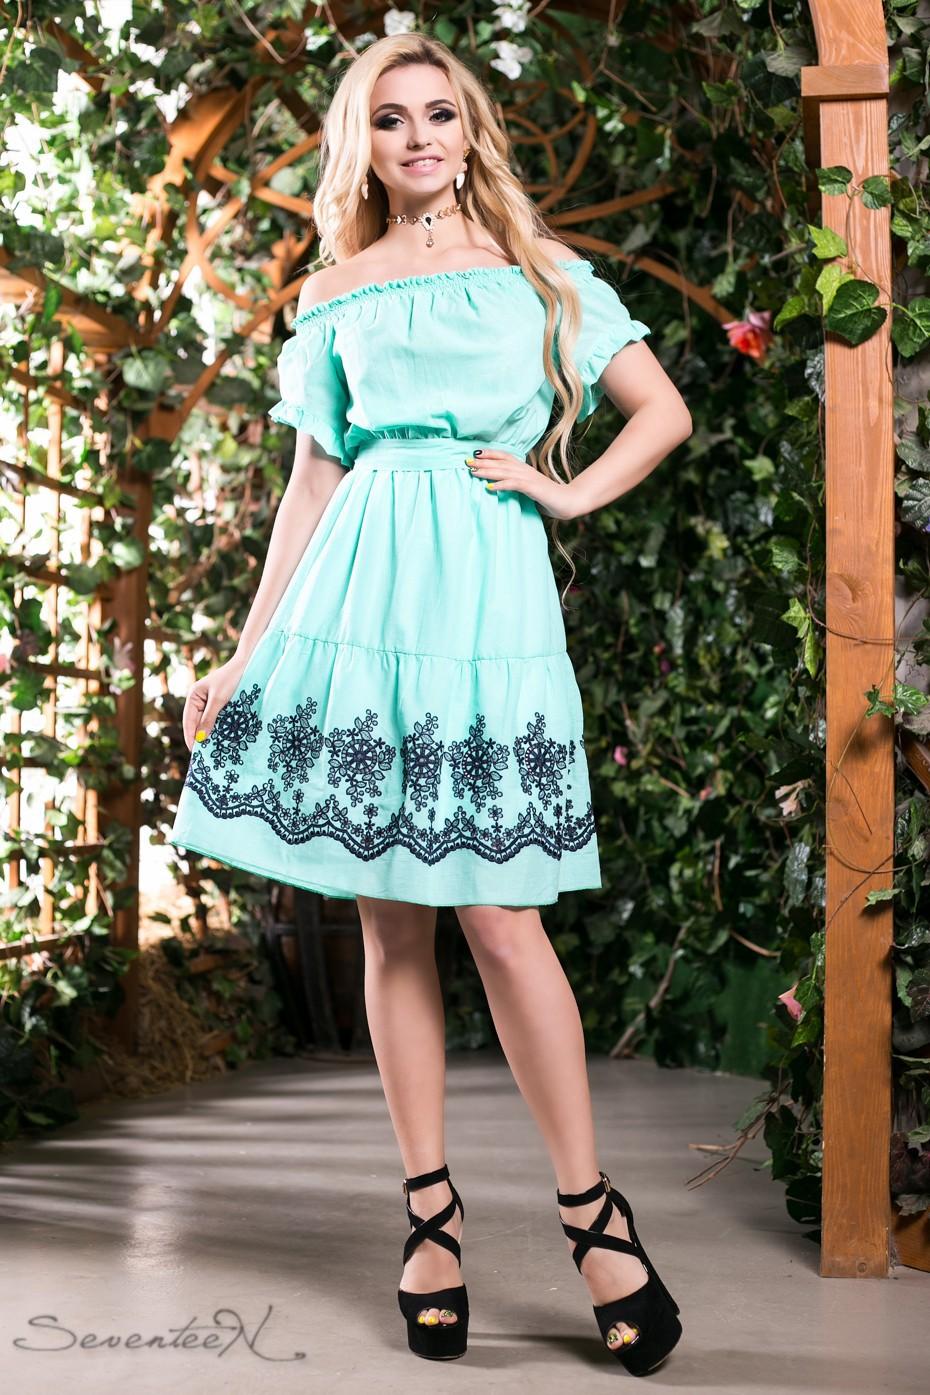 Рекомендую Женская одежда, полная обаяния и очарования: платья, блузы, юбки, брюки, леггинсы. Новинки! Без рядов-14.